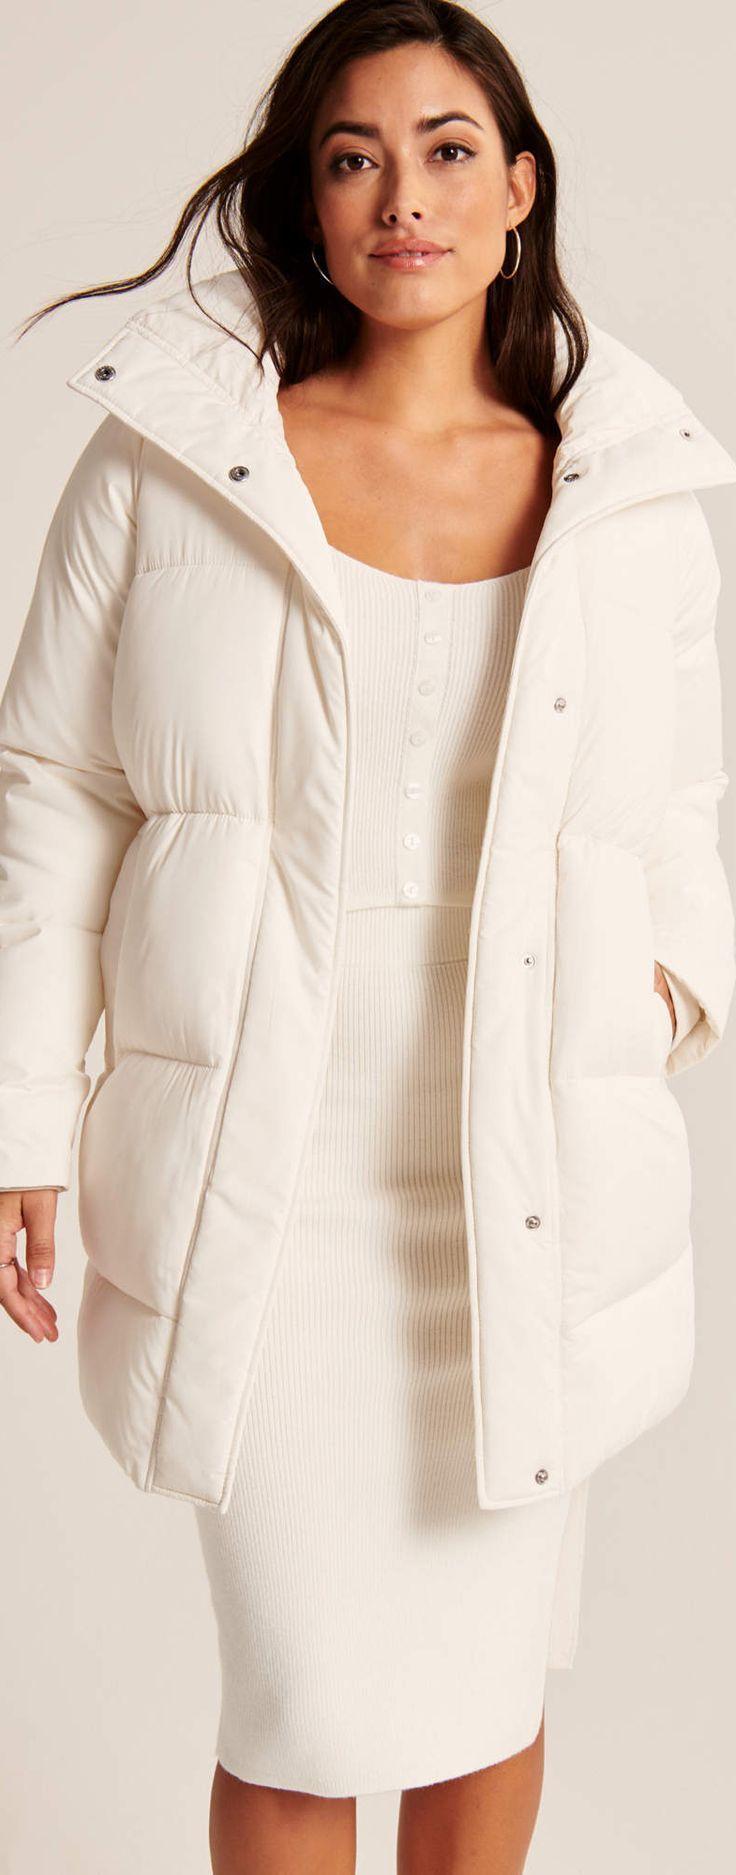 Women S Outerwear Jackets Coats Sweaters Buyer Select Outerwear Women Women Outerwear Jacket Outerwear Jackets [ 1875 x 736 Pixel ]